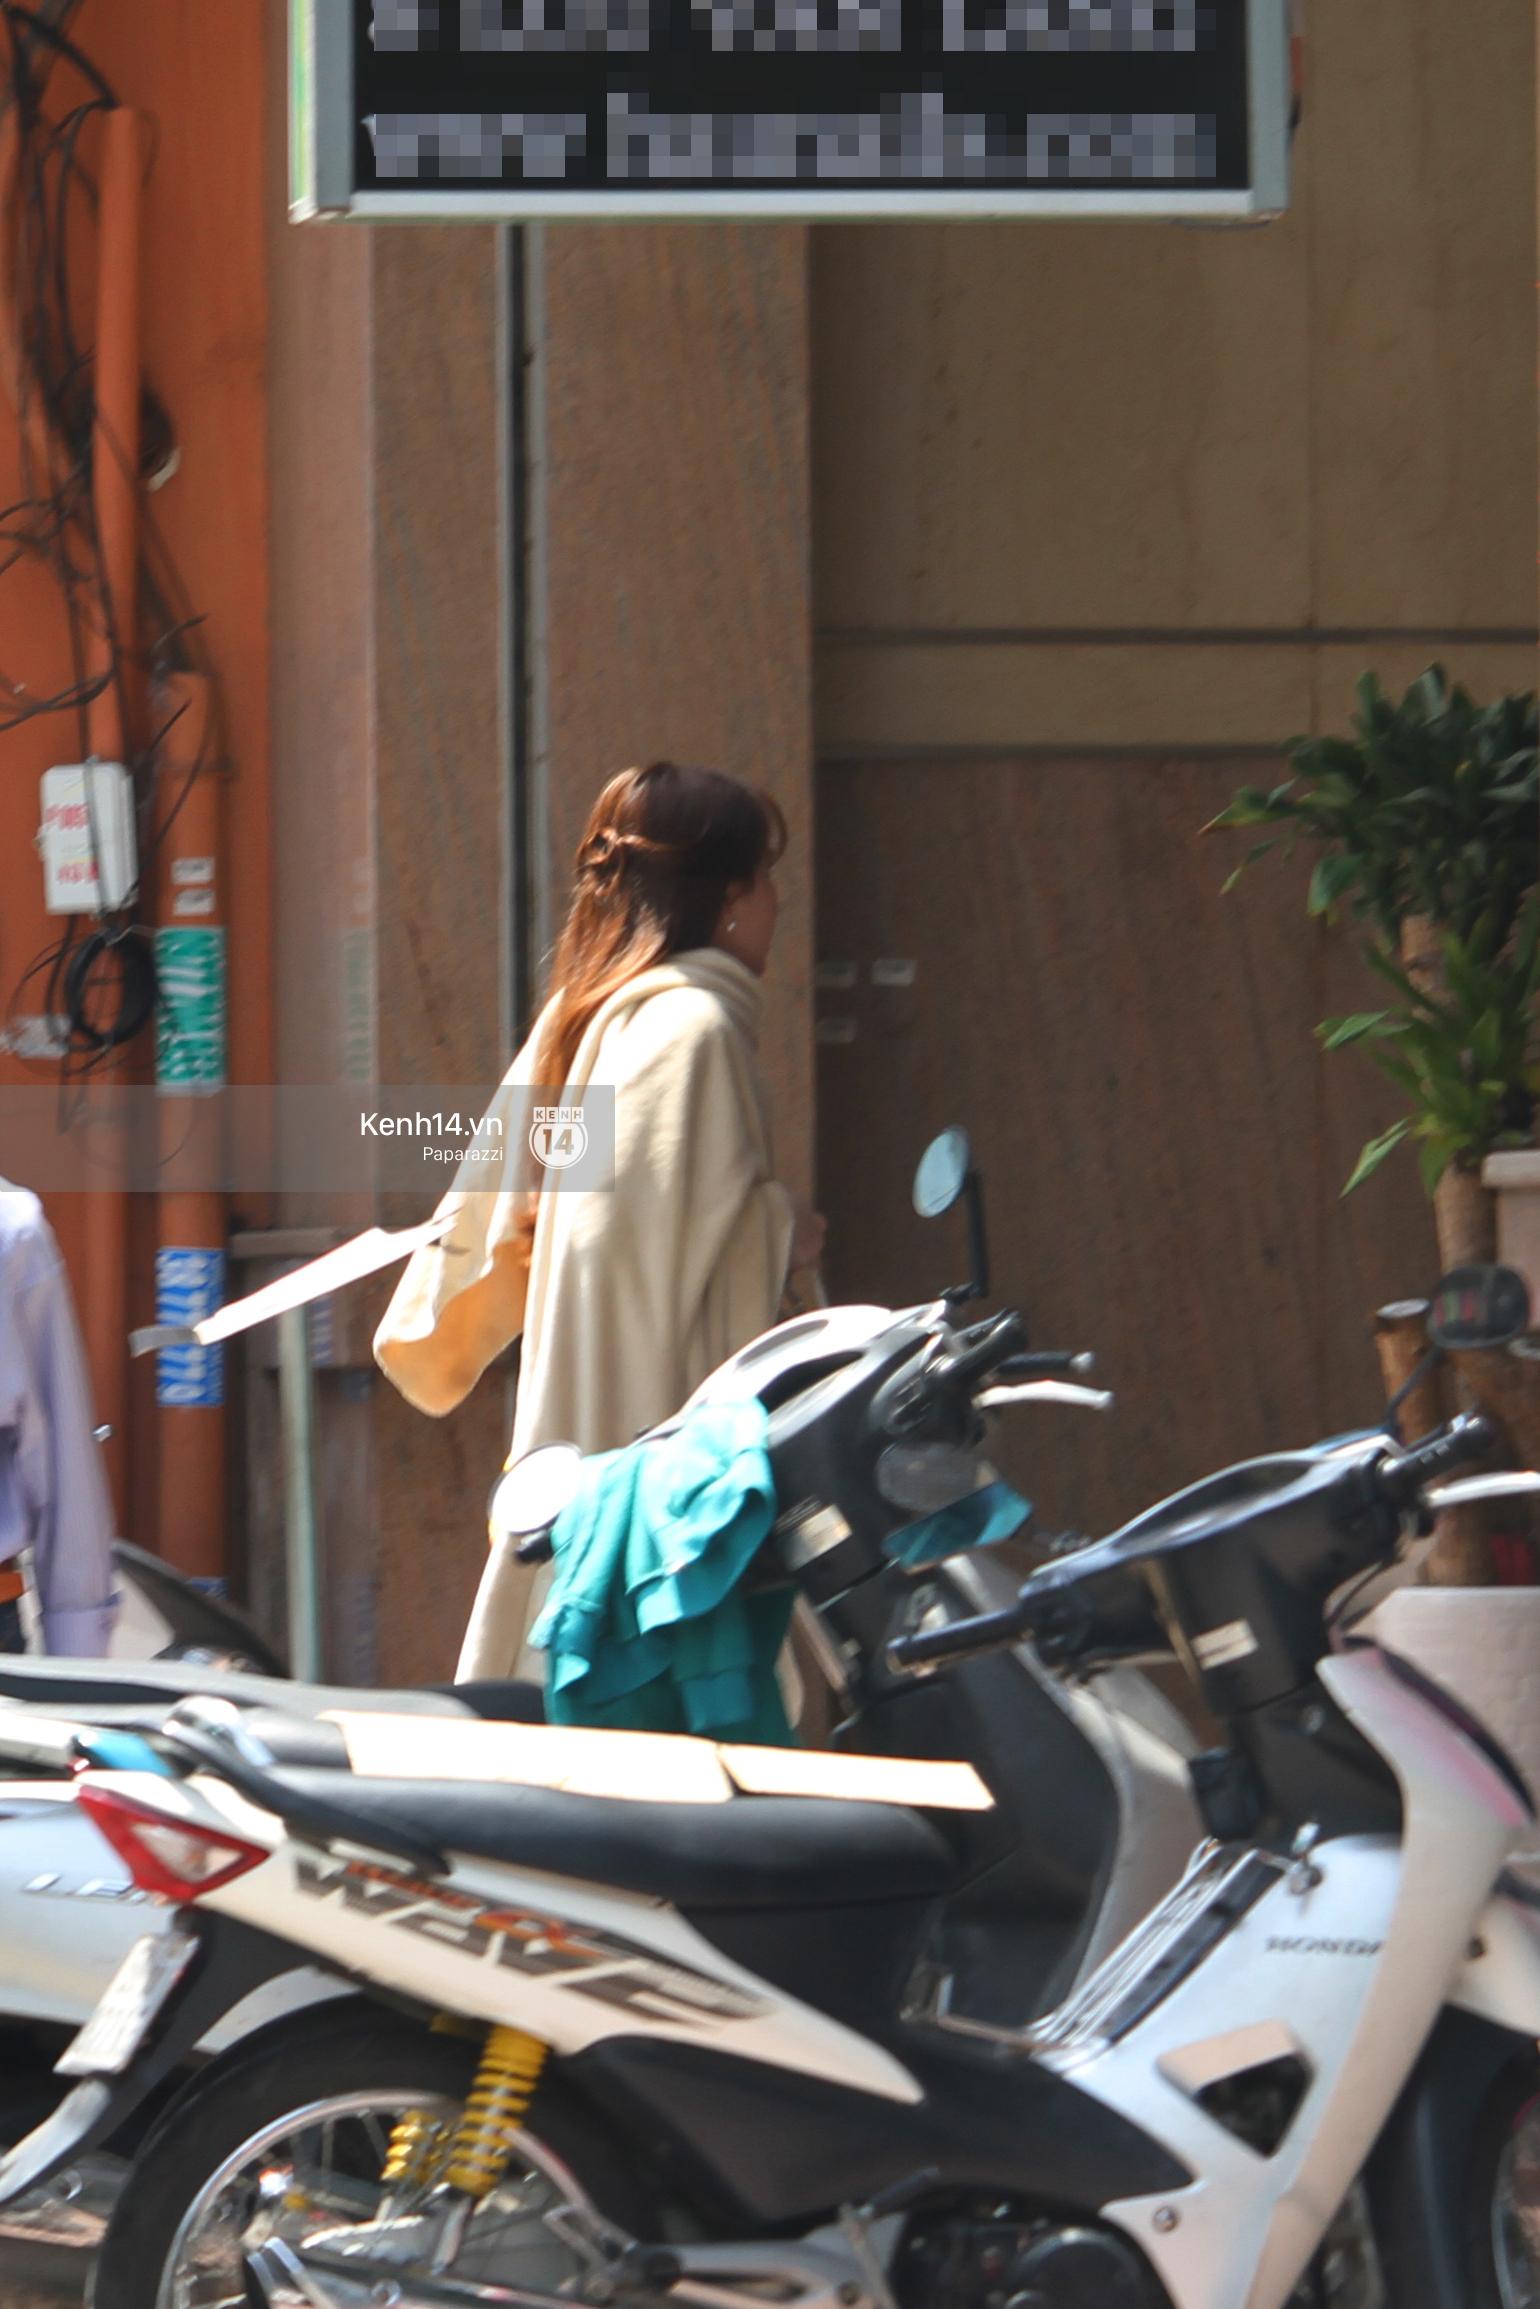 Ngọc Trinh trùm kín khi xuất hiện trên phố, đi ăn chay và làm đẹp - Ảnh 1.